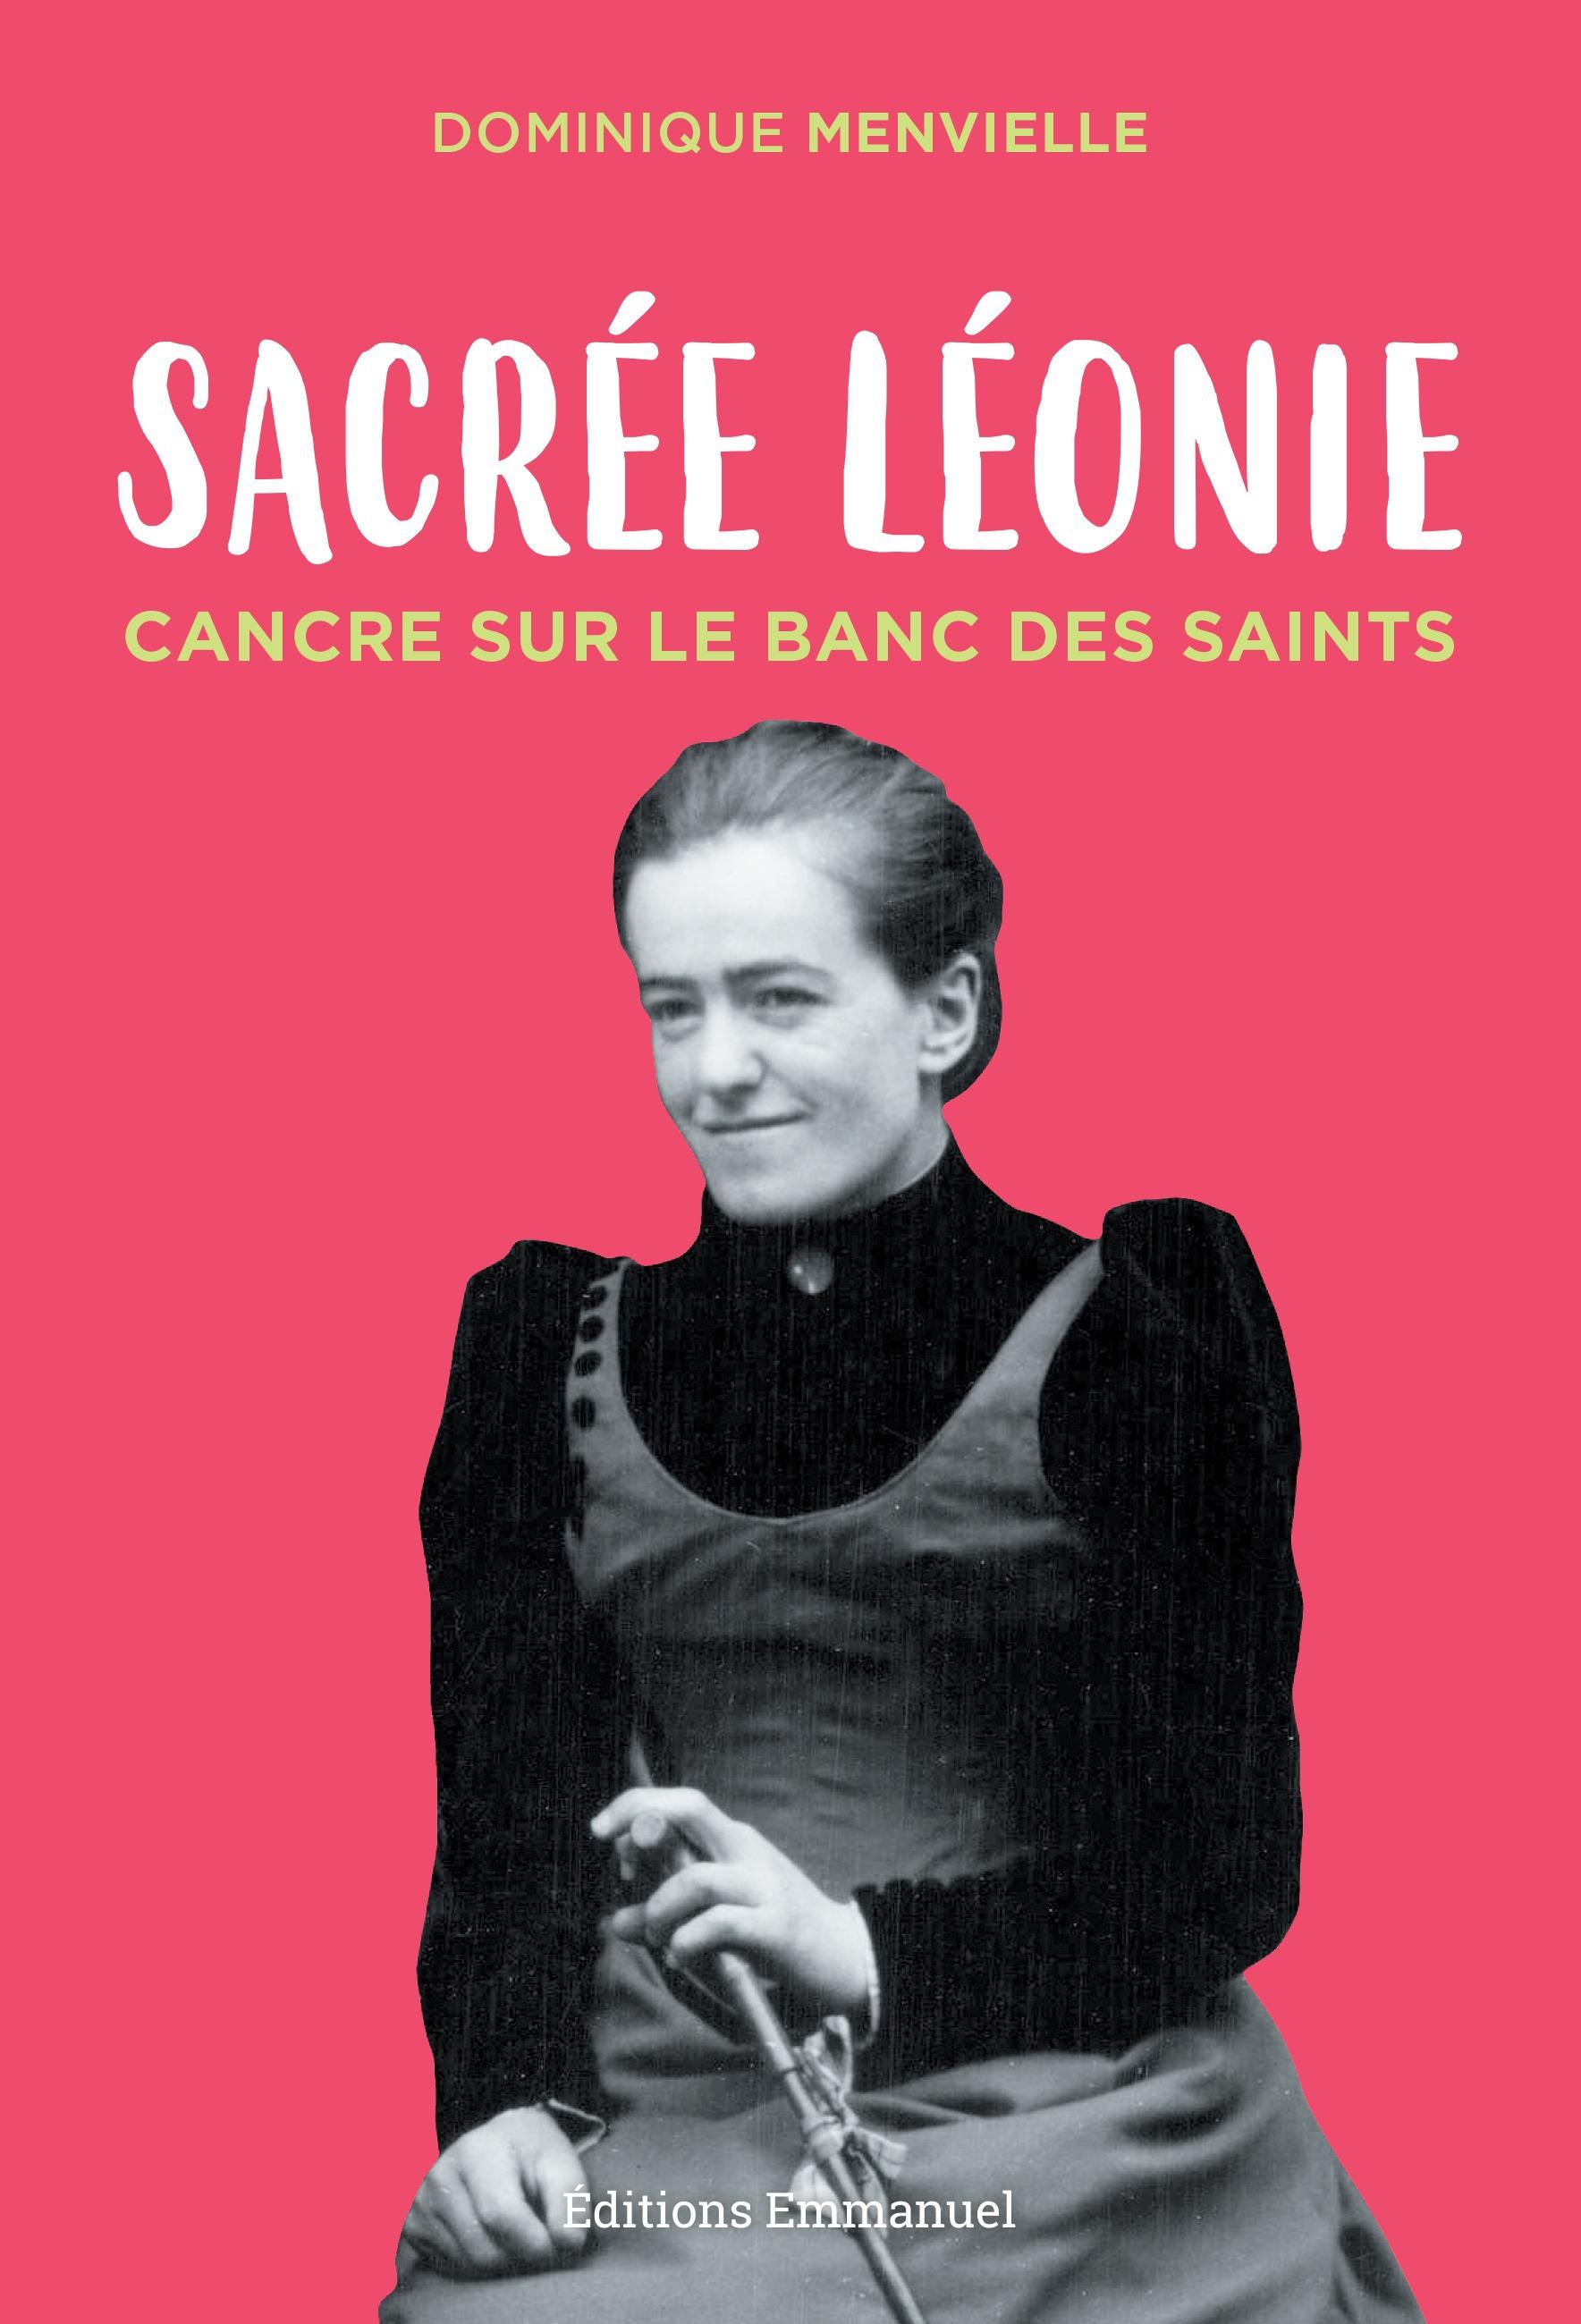 Sacrée Léonie, cancre sur le banc des saints